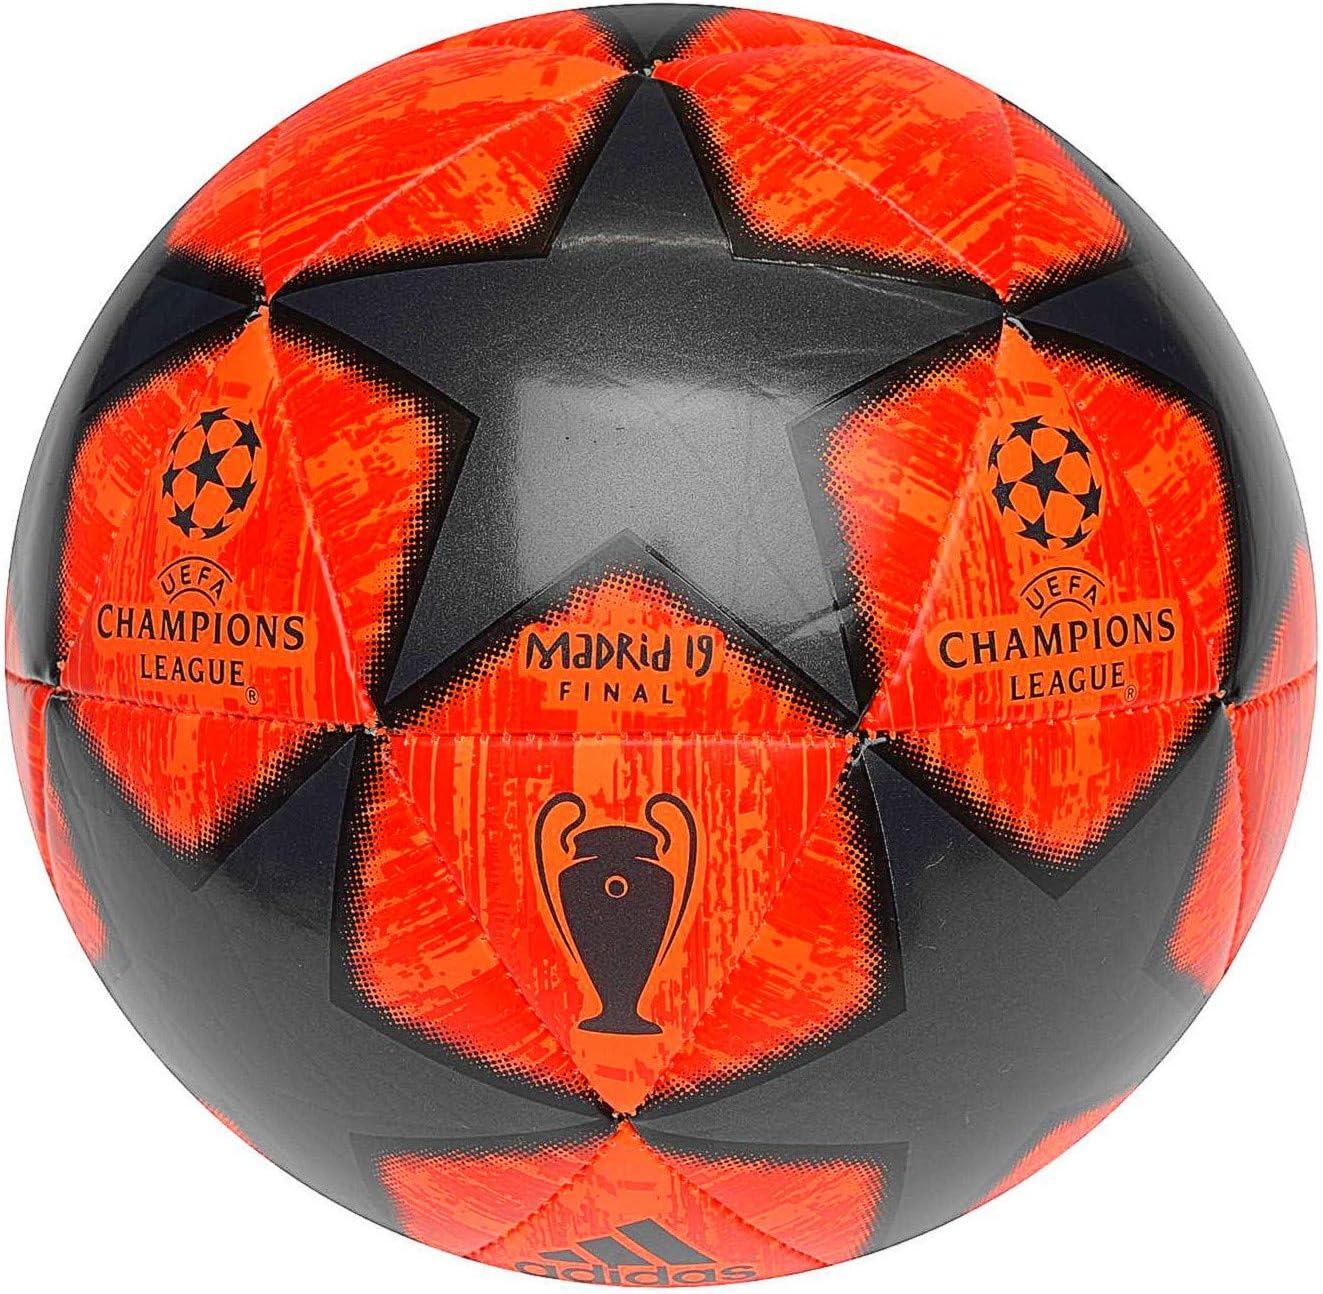 adidas Champions League 2019 Balón de Fútbol, Hombre (Naranja Solar/Final Champions League) Tamaño 5: Amazon.es: Deportes y aire libre